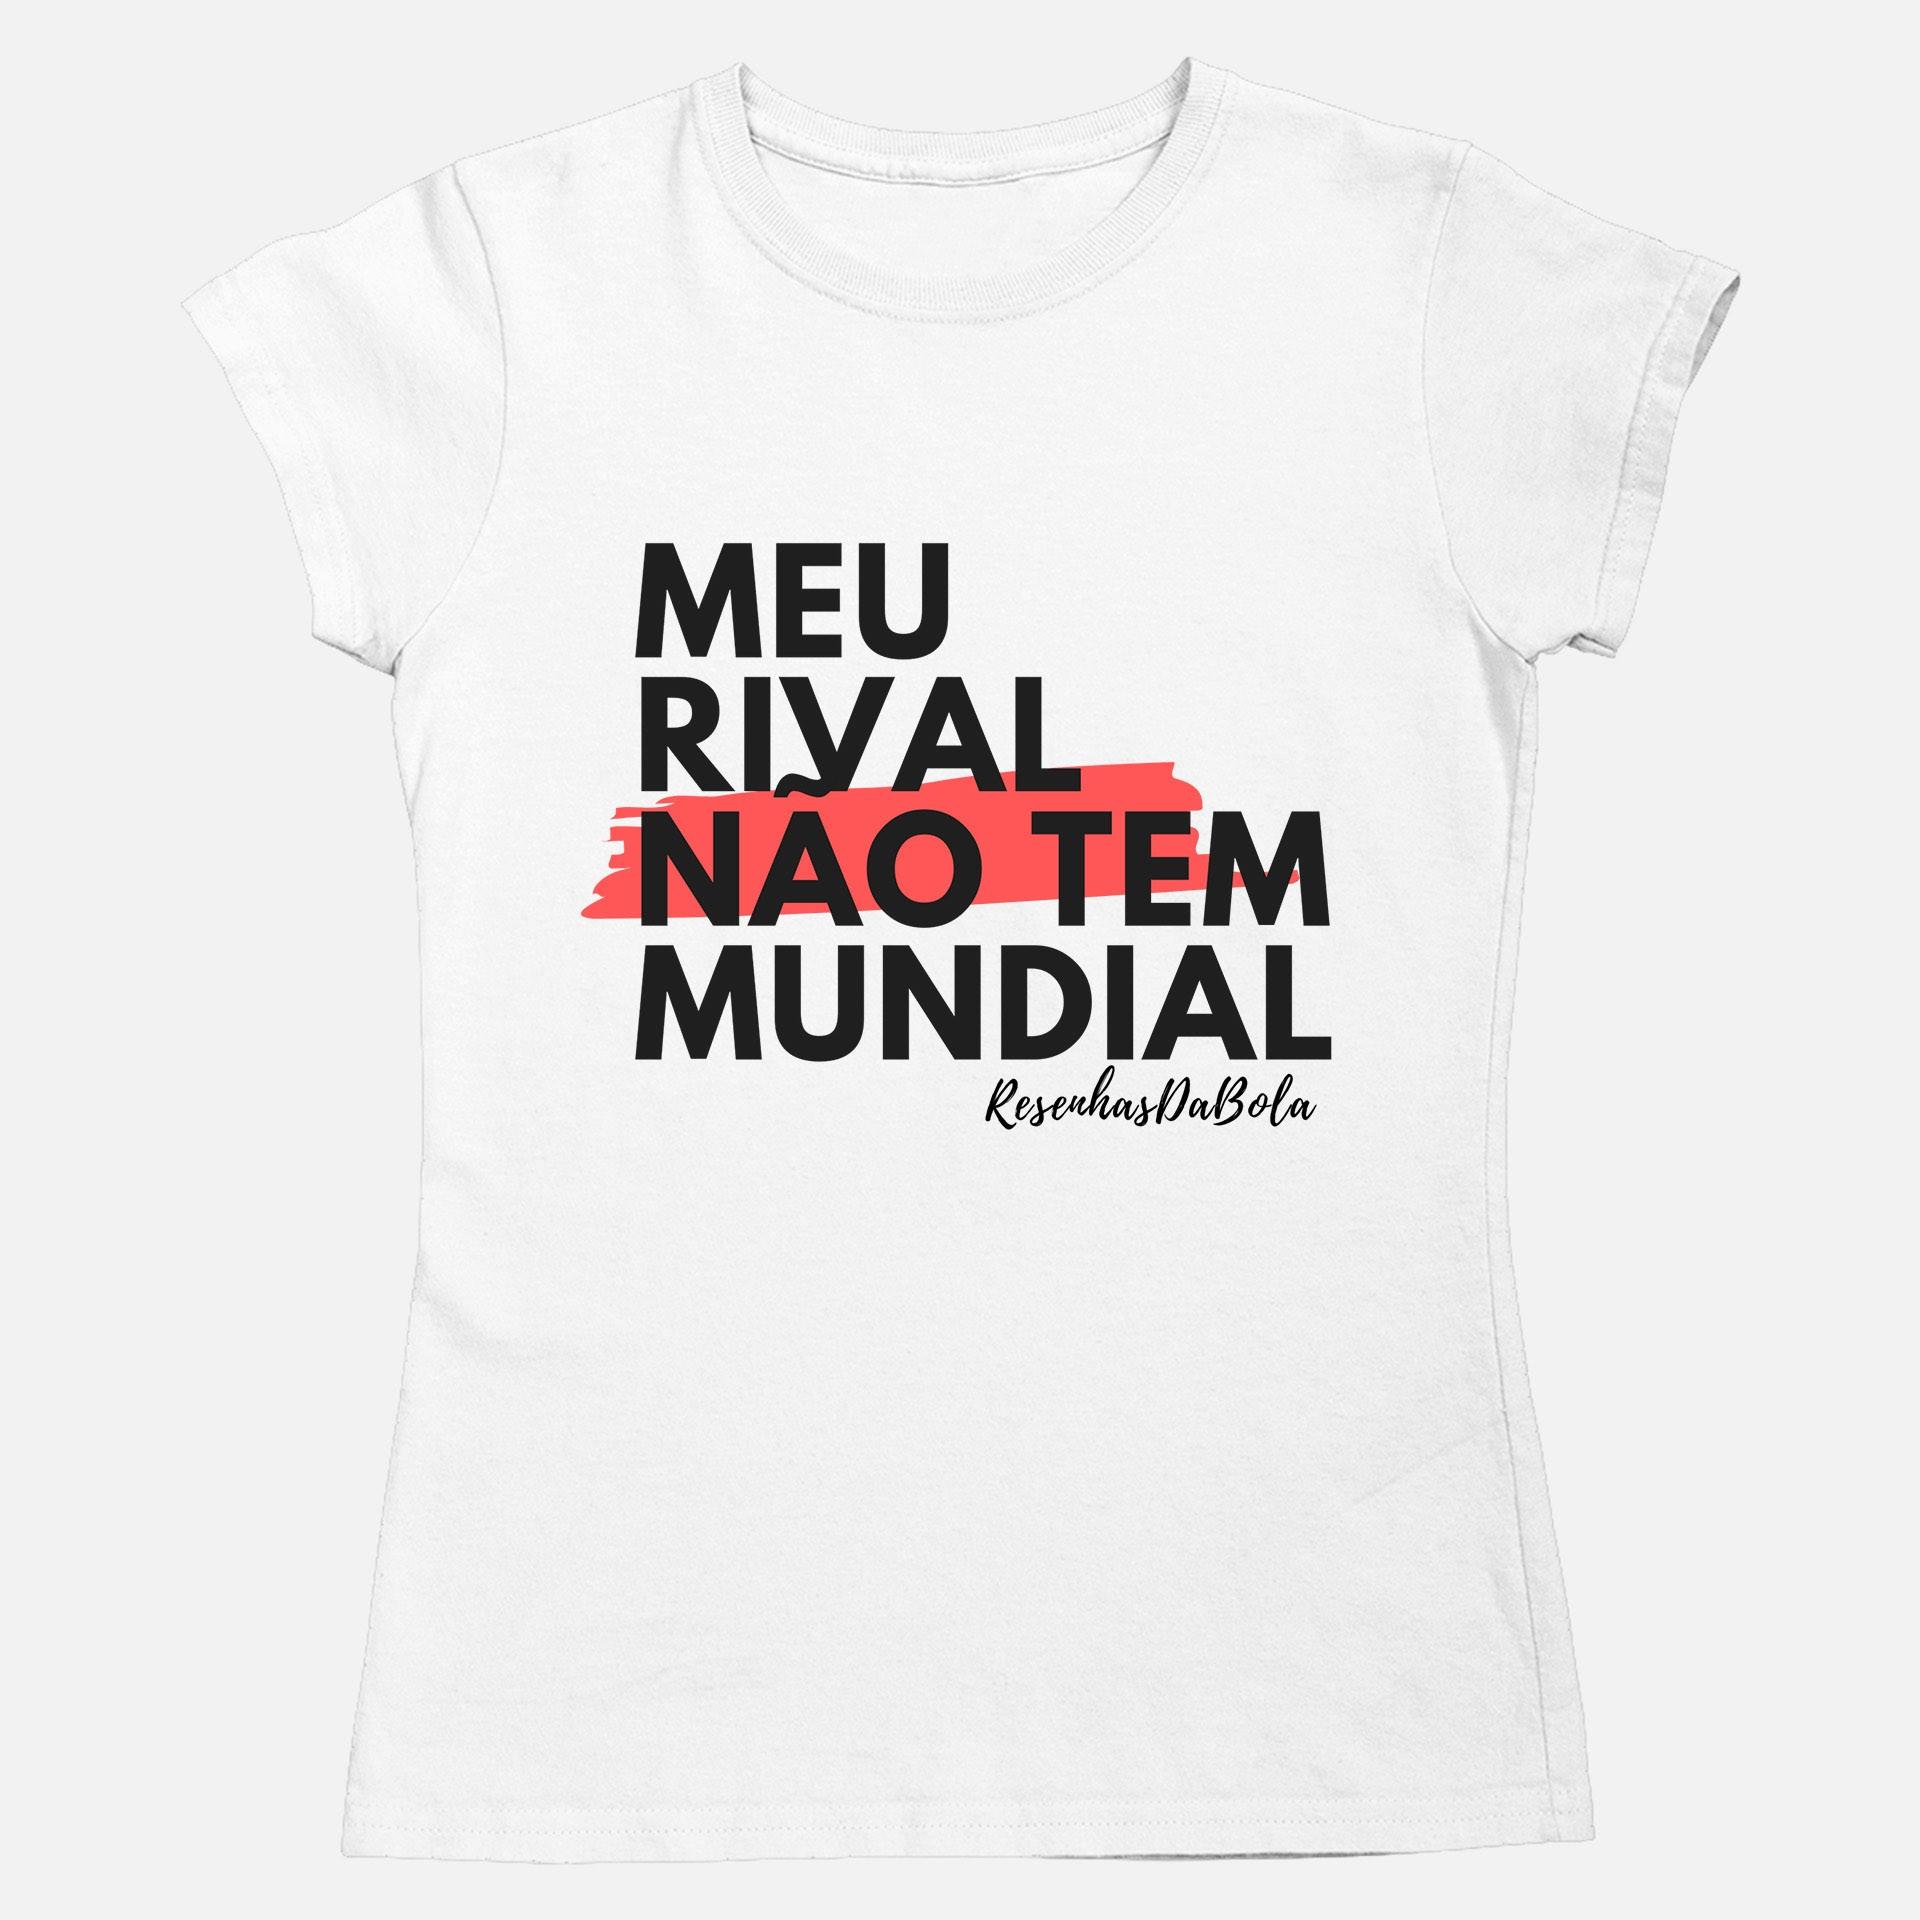 Feminino - MEU RIVAL NÃO TEM MUNDIAL